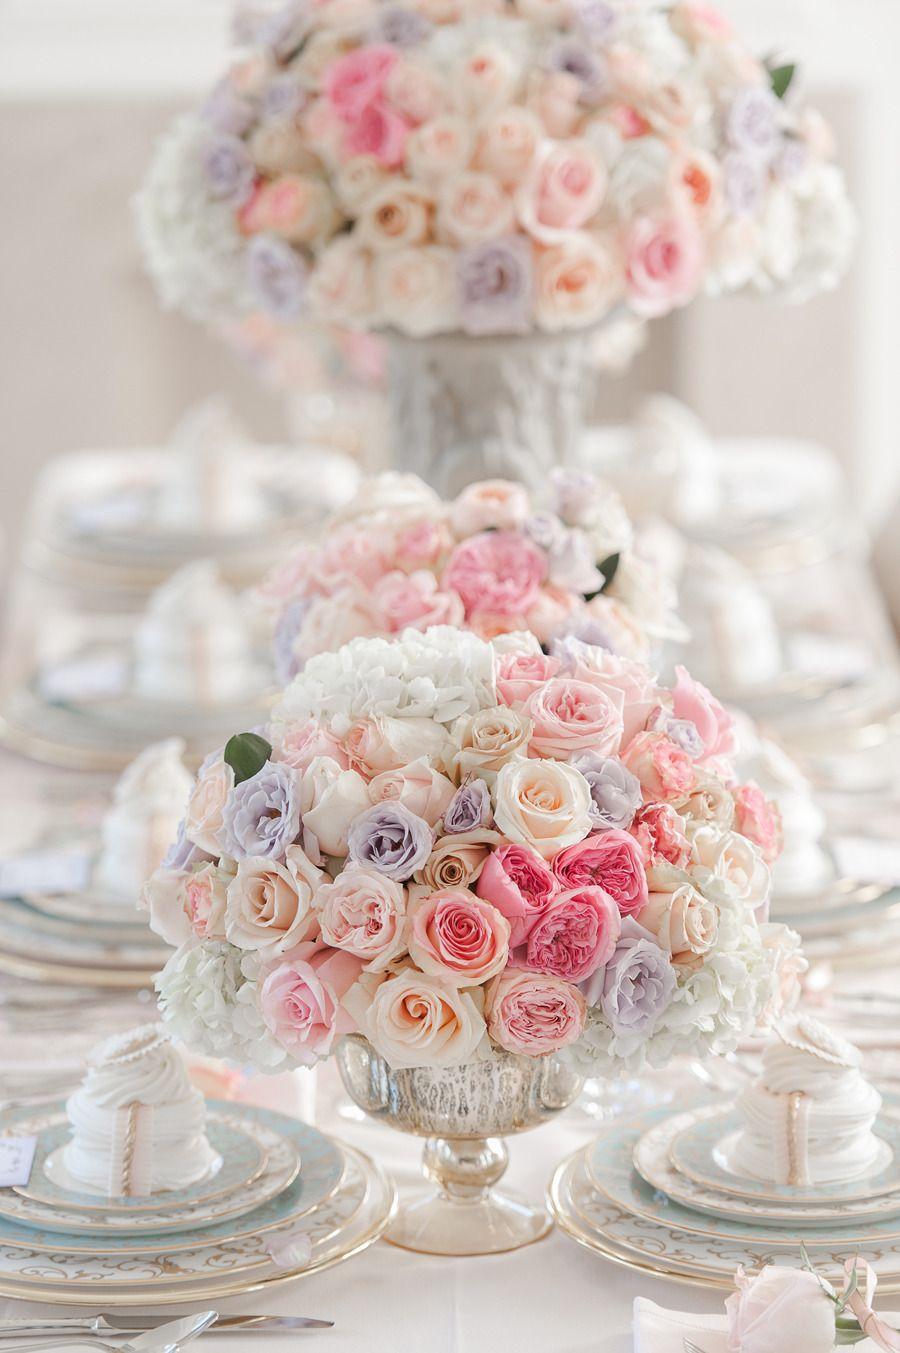 Centros de mesa feitos com rosas em diversas cores e hortências brancas. #casamento #decoração #estilo #romântico